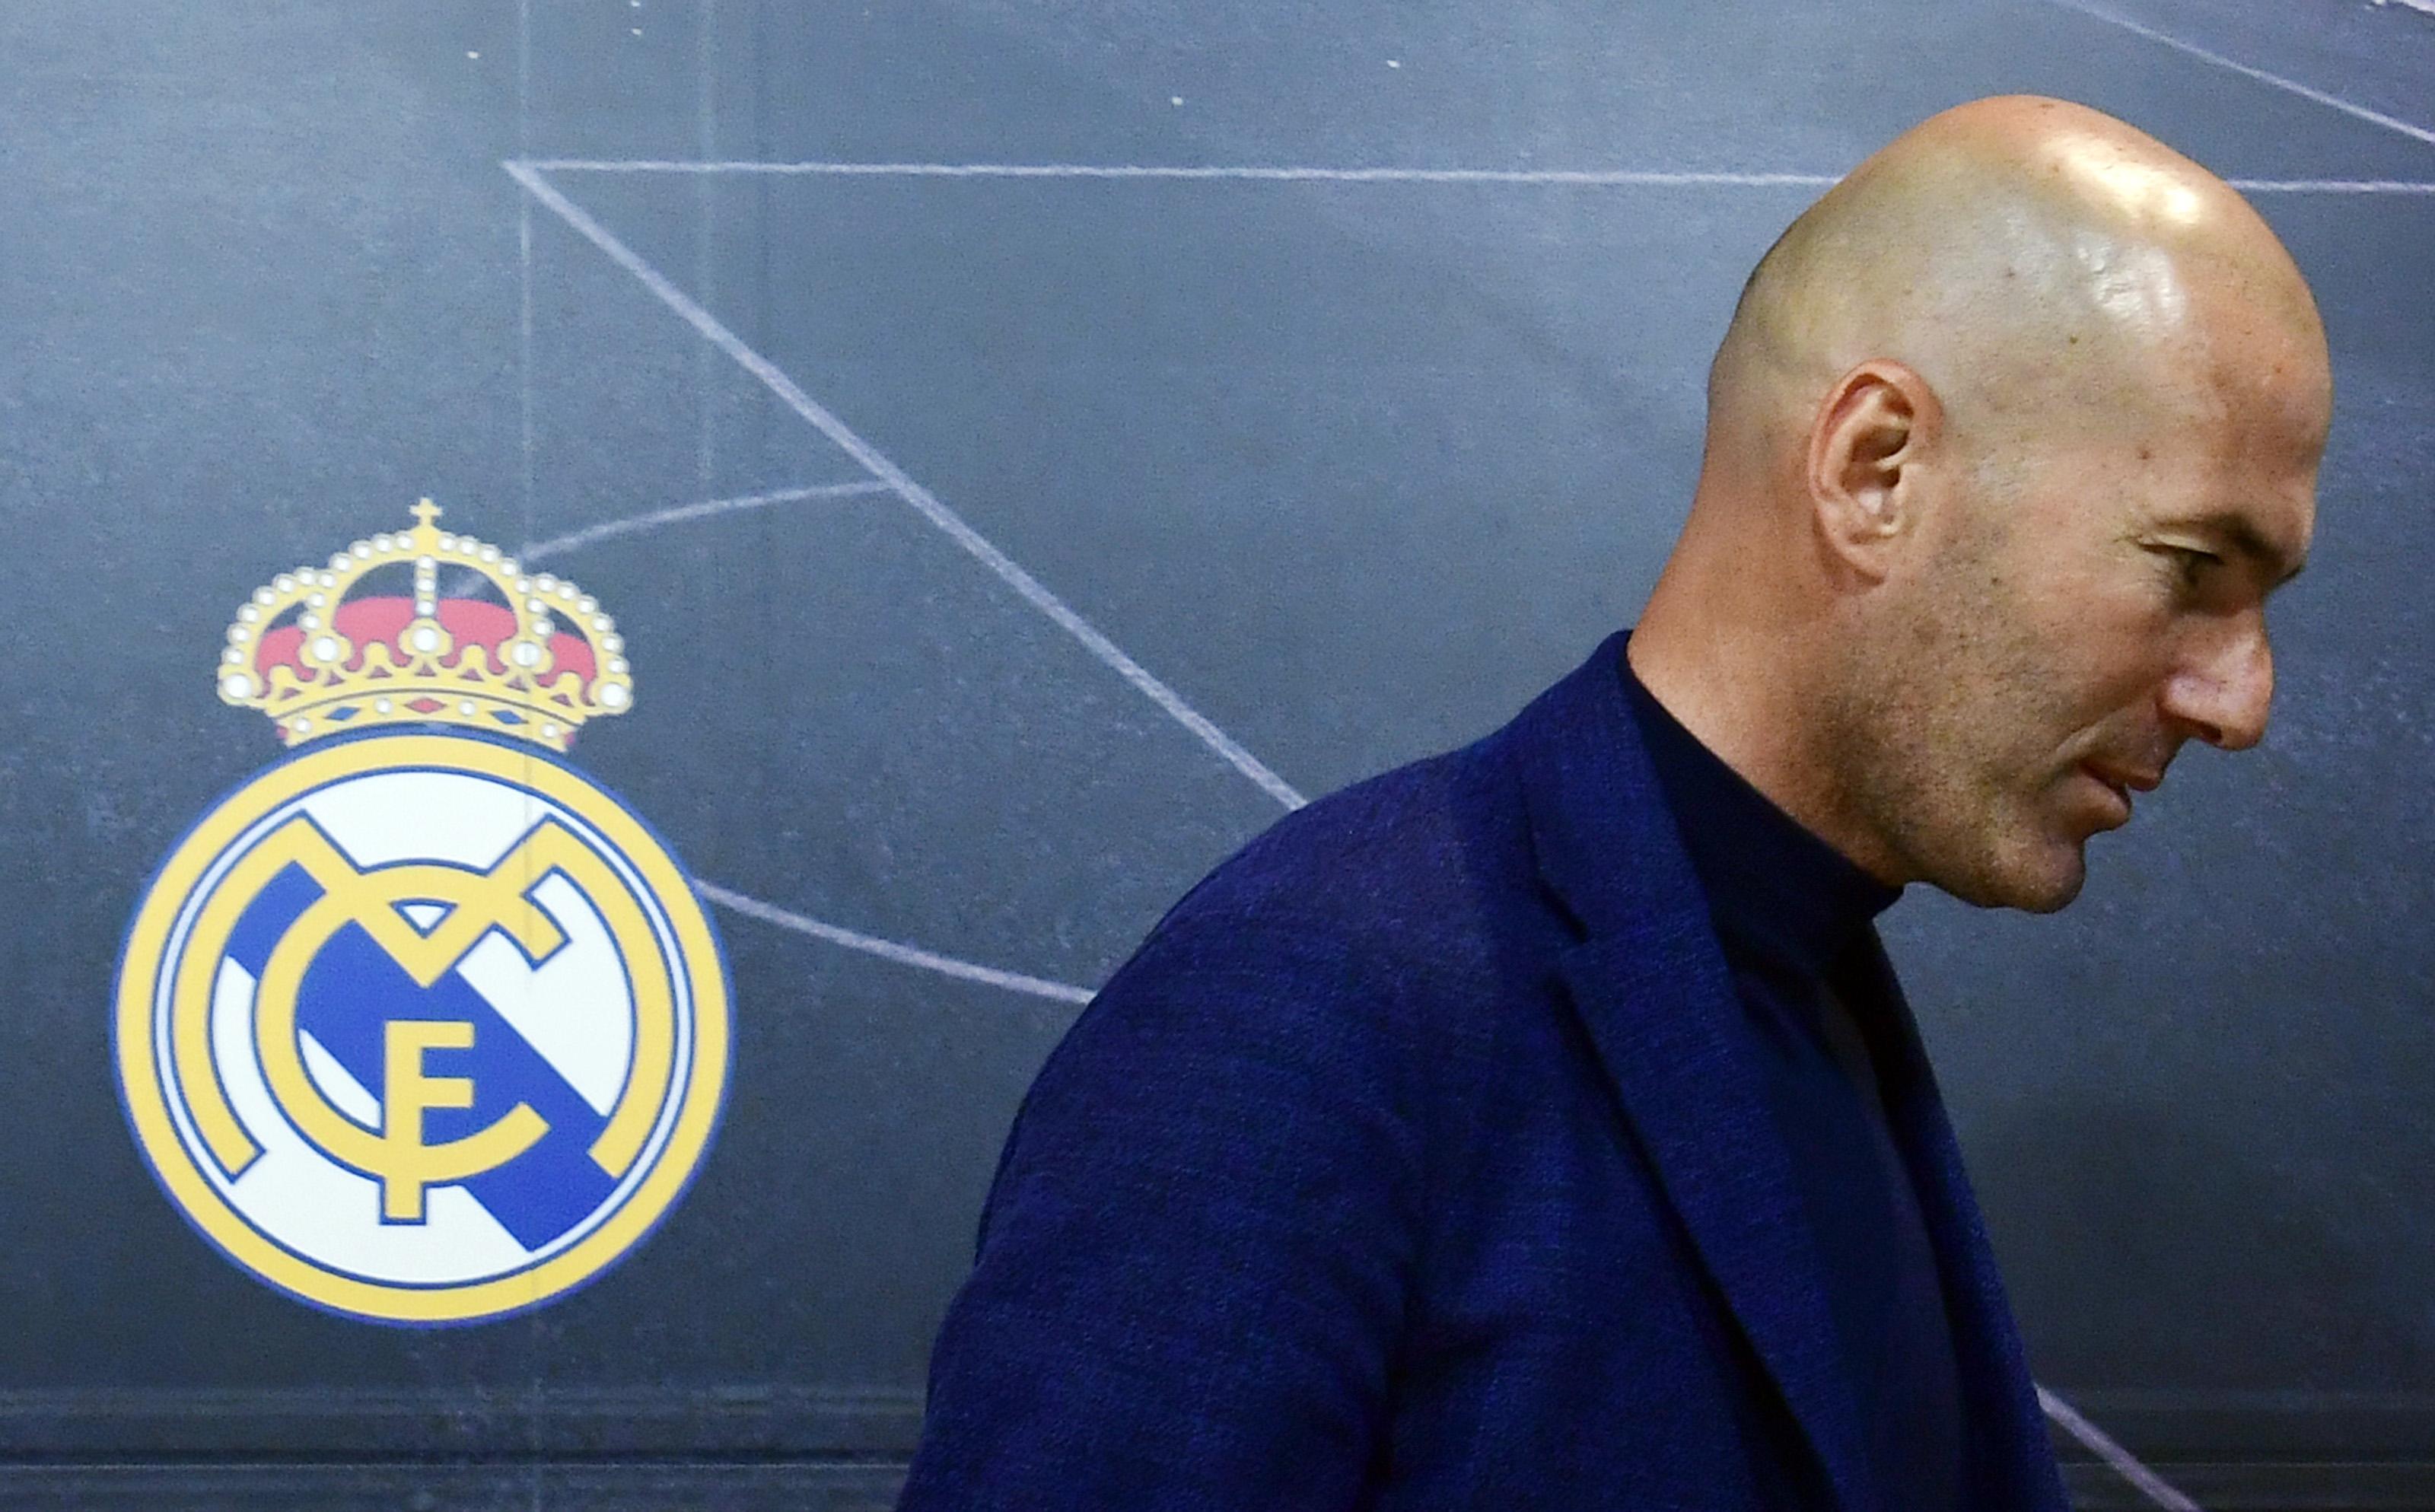 Football - Etranger - Zidane entraîneur du Real Madrid : les 9 dates marquantes